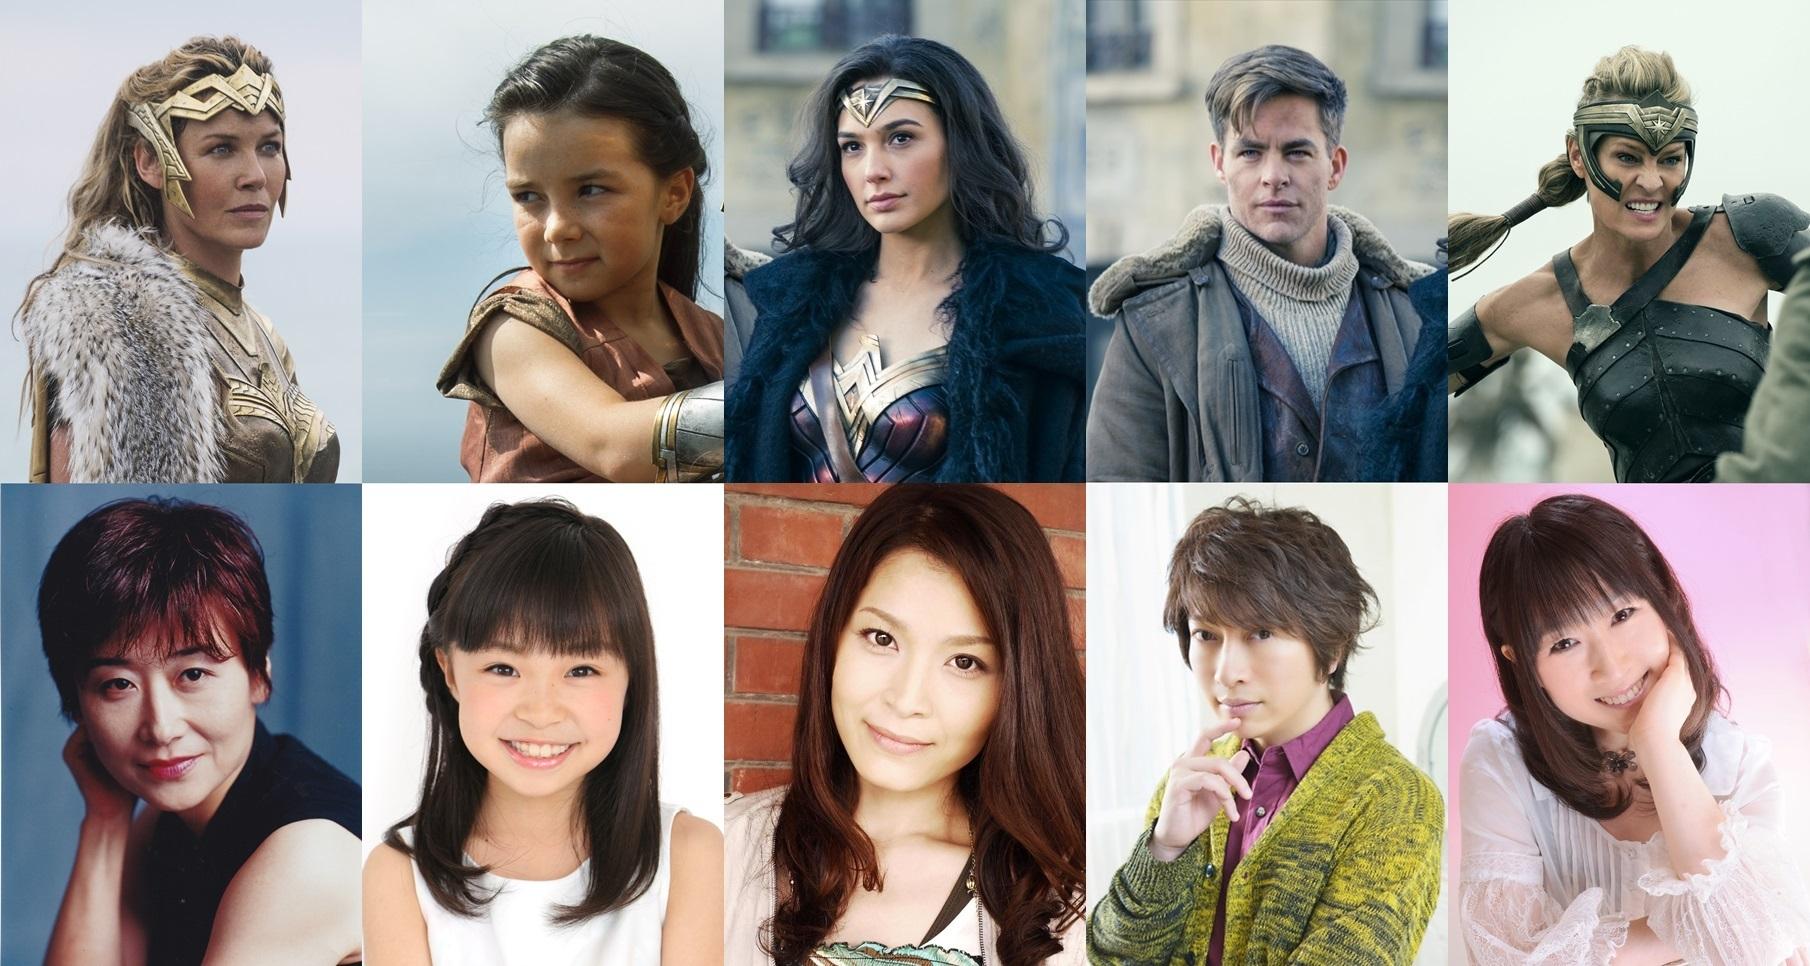 下段左から、榊原良子、新井美羽、甲斐田裕子、小野大輔、深見梨加